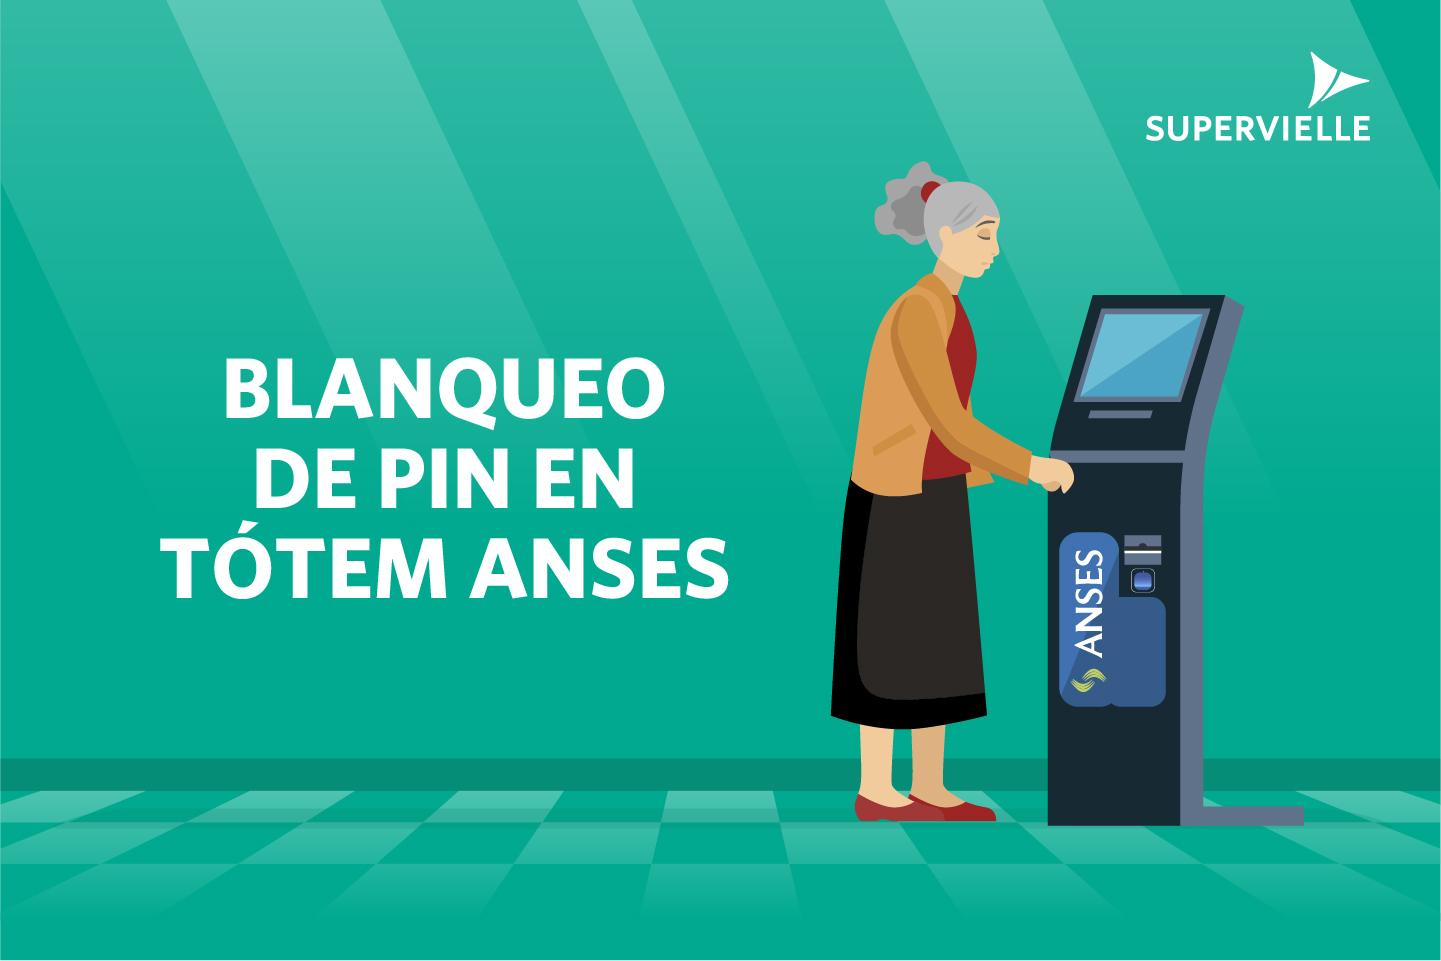 Blanqueo de PIN en Tótem Anses